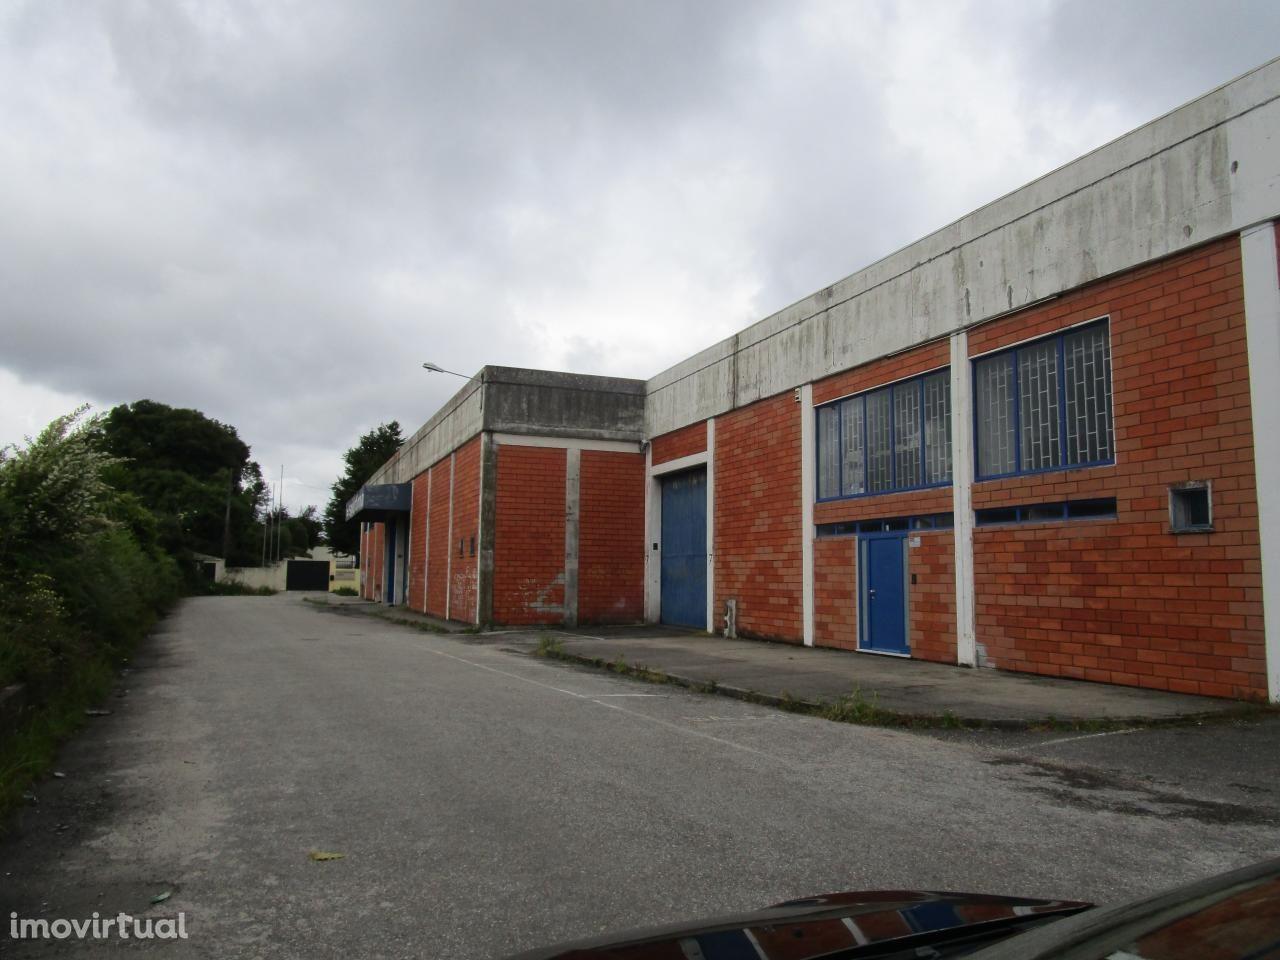 Armazém - Ao Aeroporto / Moreira da Maia